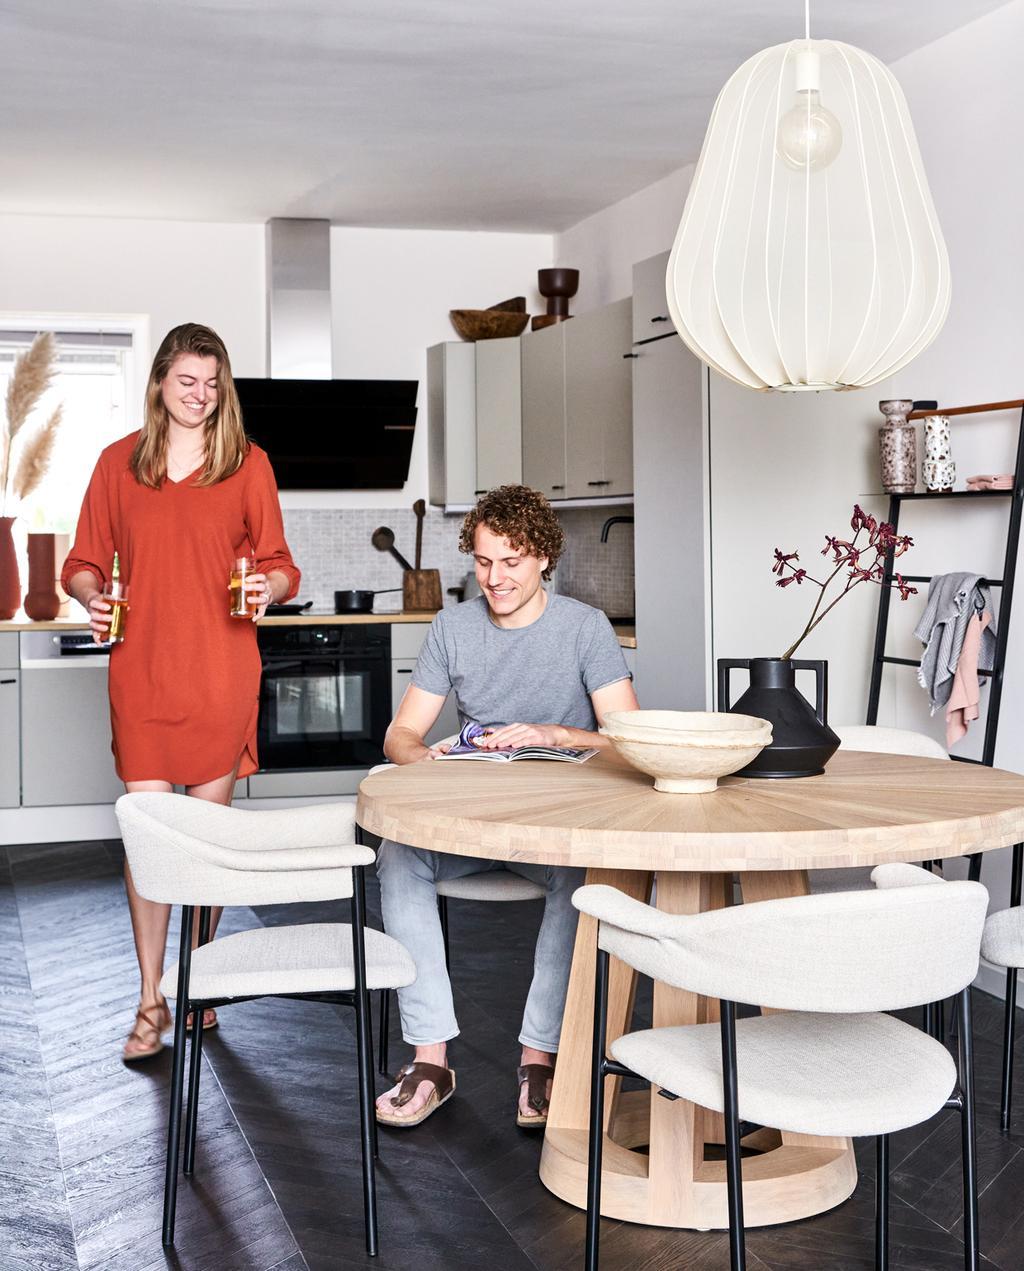 Binnenkijken in een keuken in rustige kleitinten in Zoetermeer